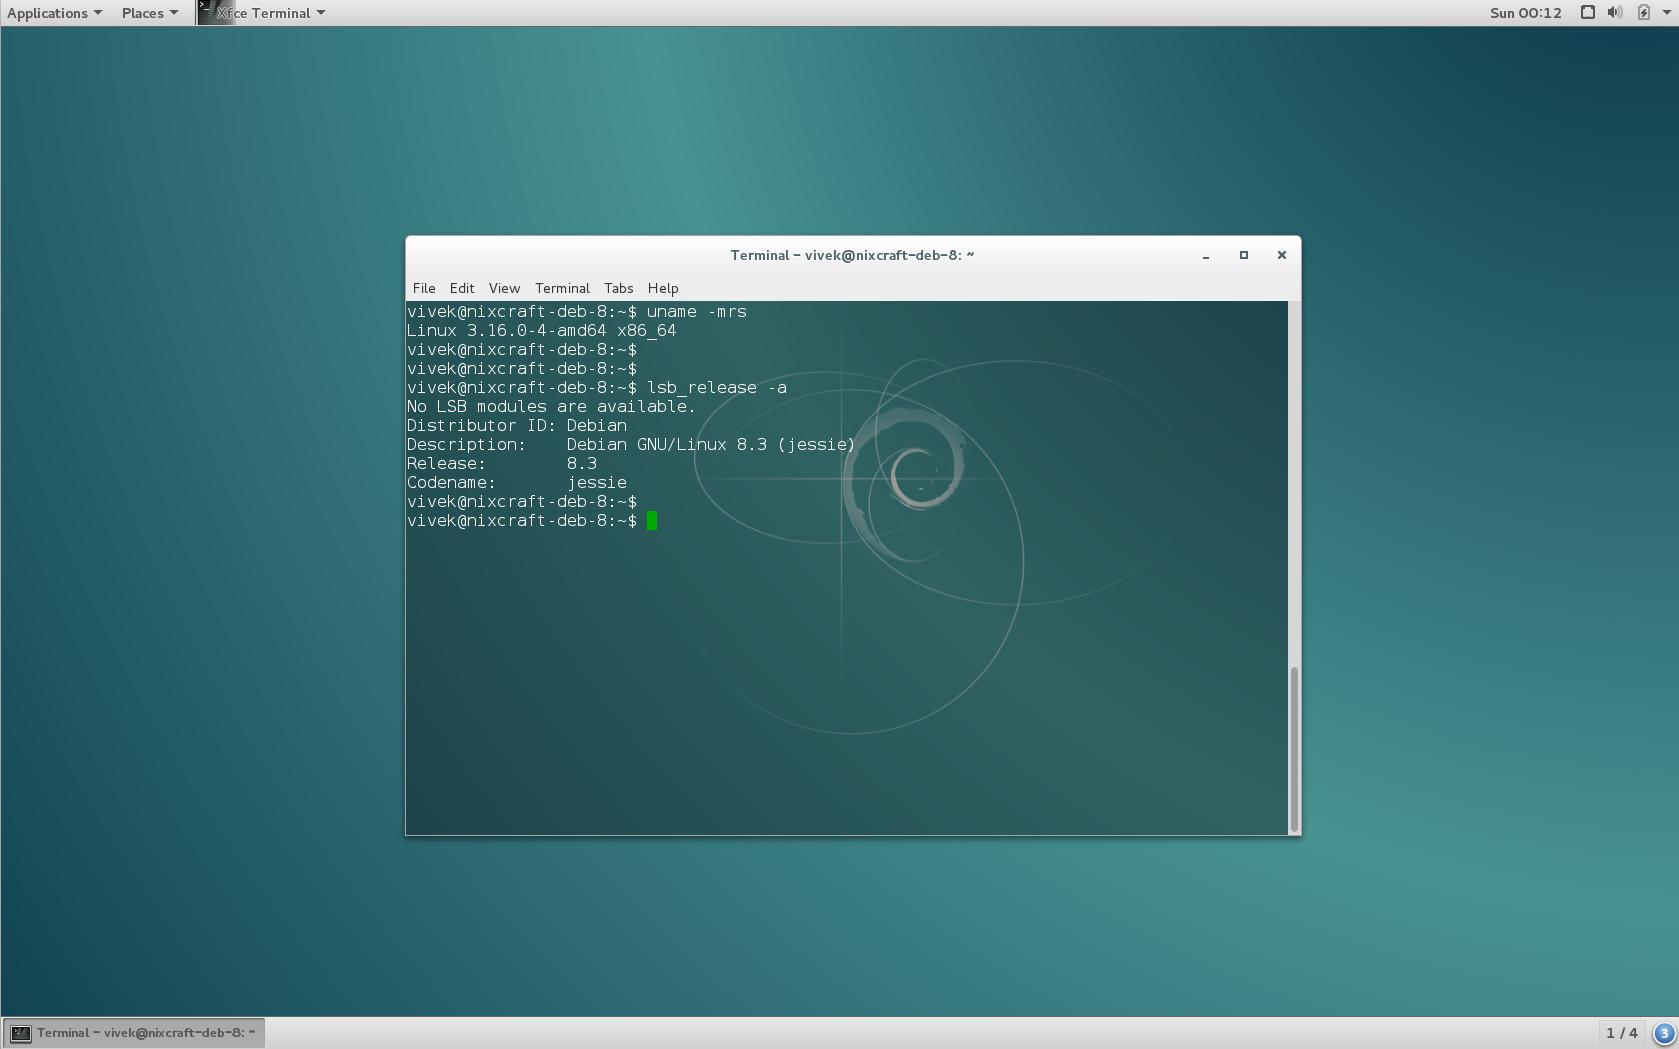 Debian Linux 8 3